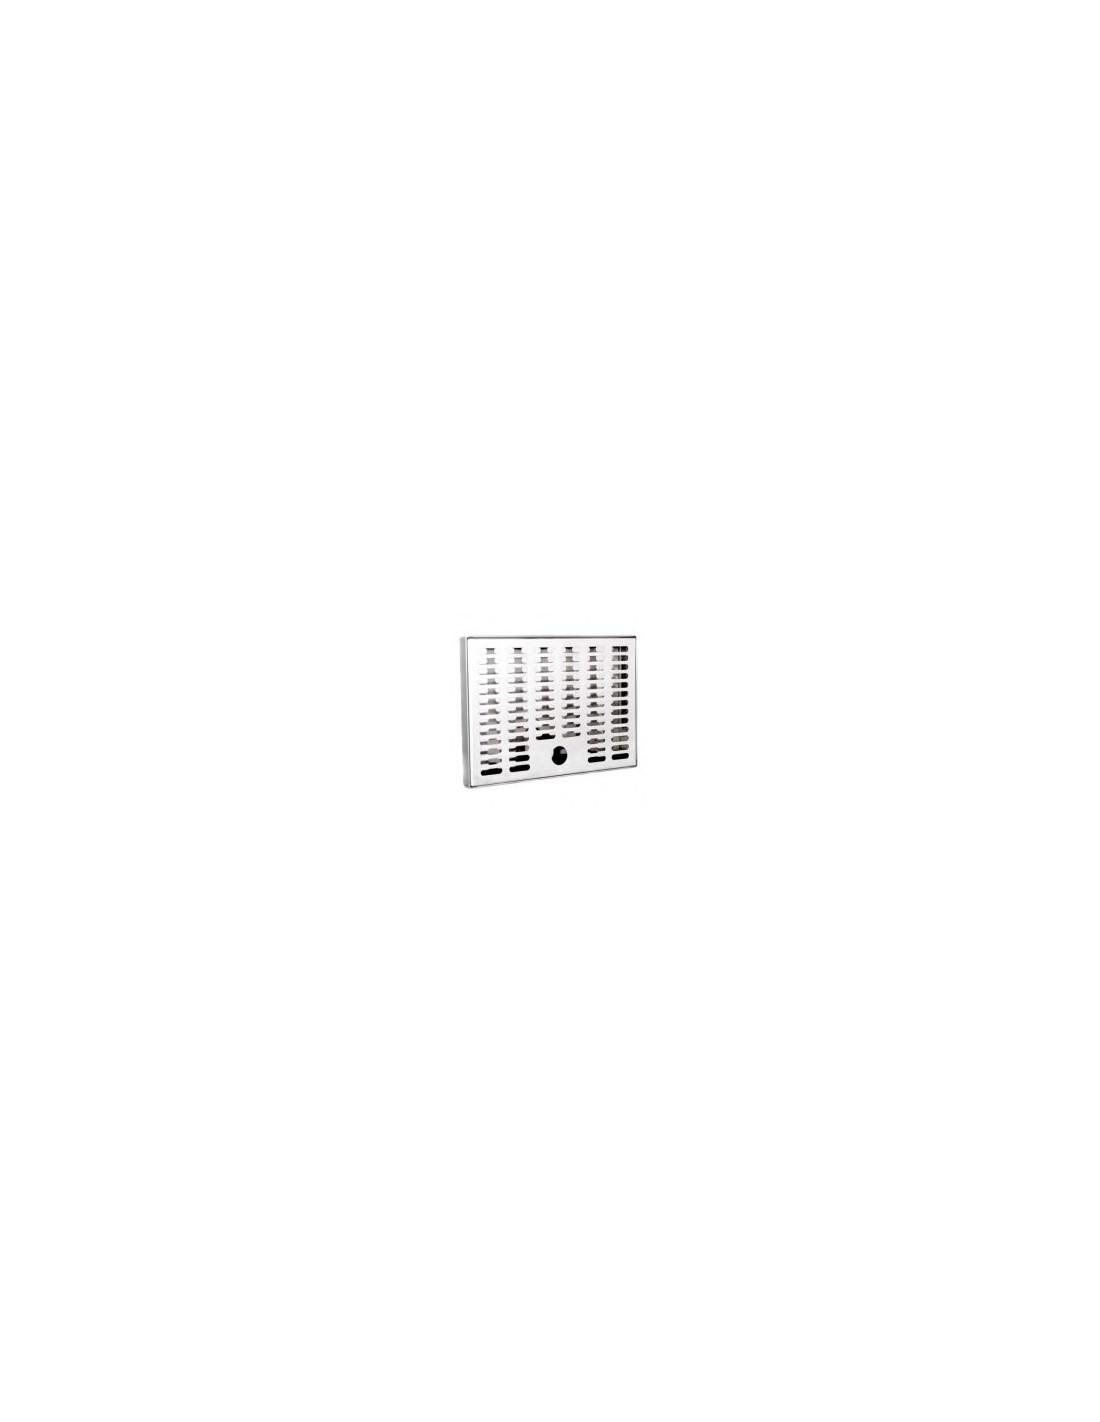 ODM01600 - Spillbricka i rostfritt 210x150x20 mm